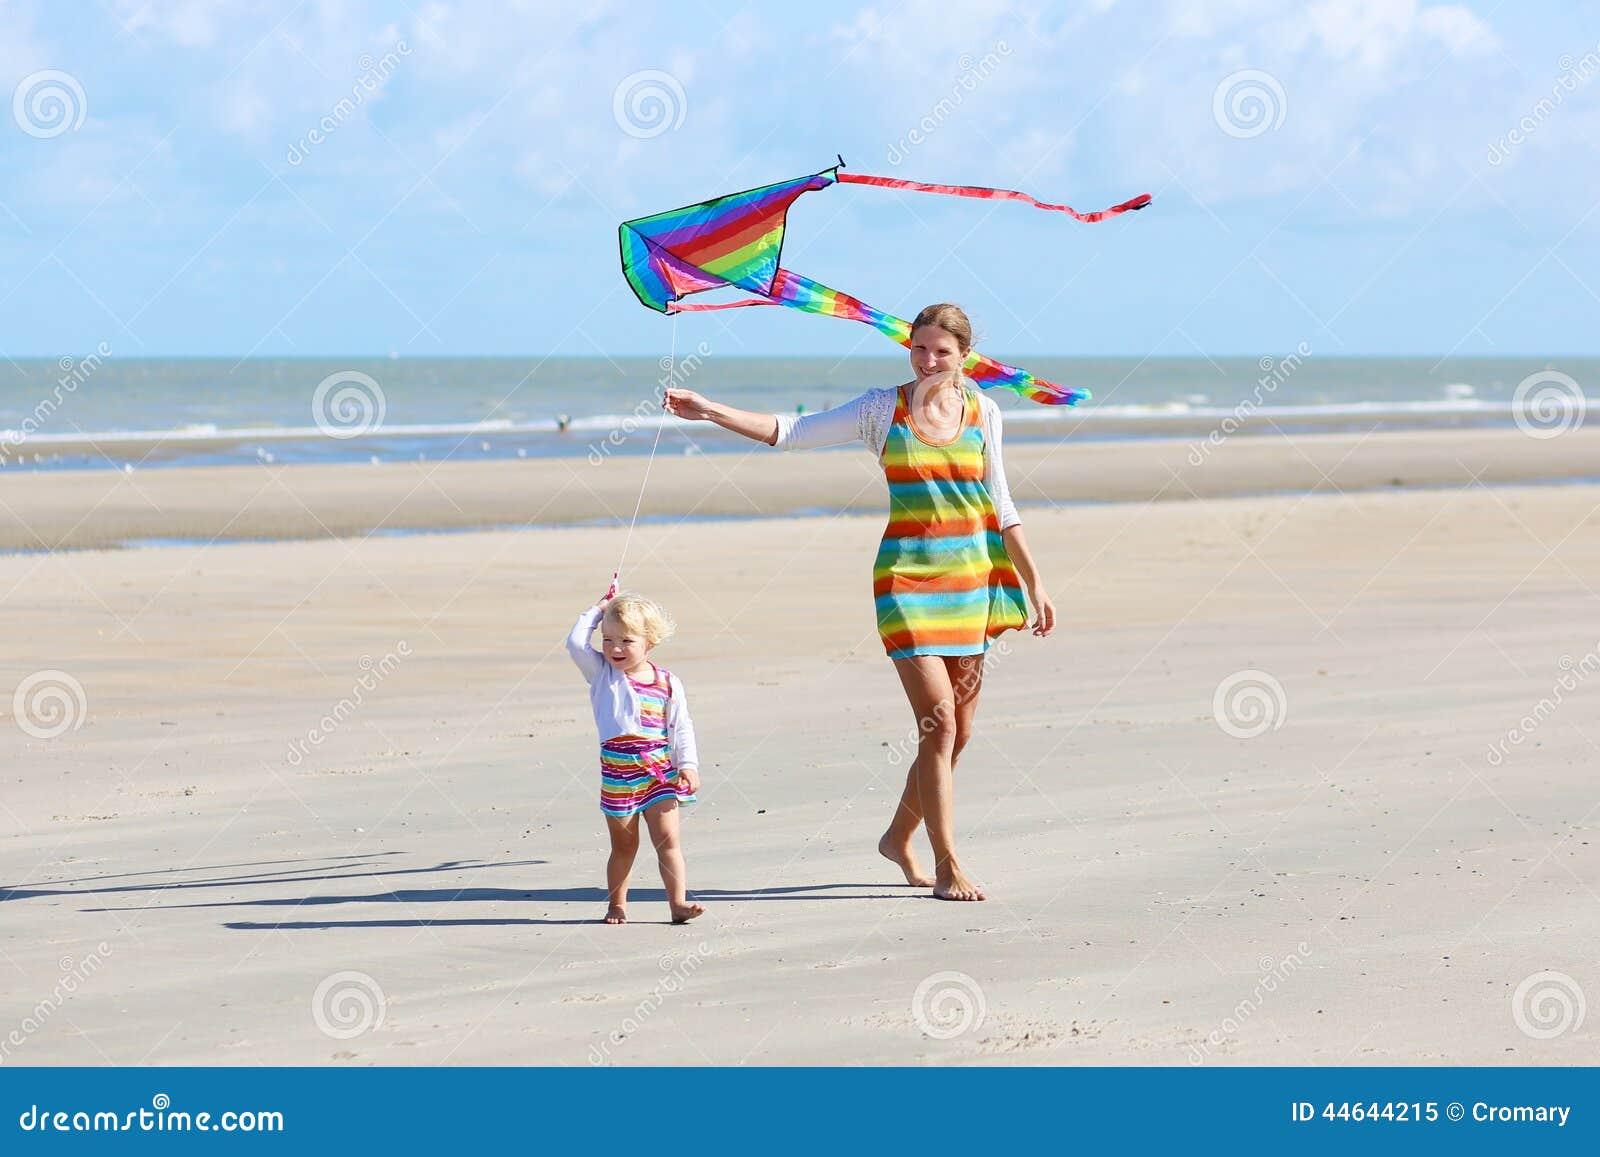 cerf volant de vol de m re et d 39 enfant sur la plage photo. Black Bedroom Furniture Sets. Home Design Ideas